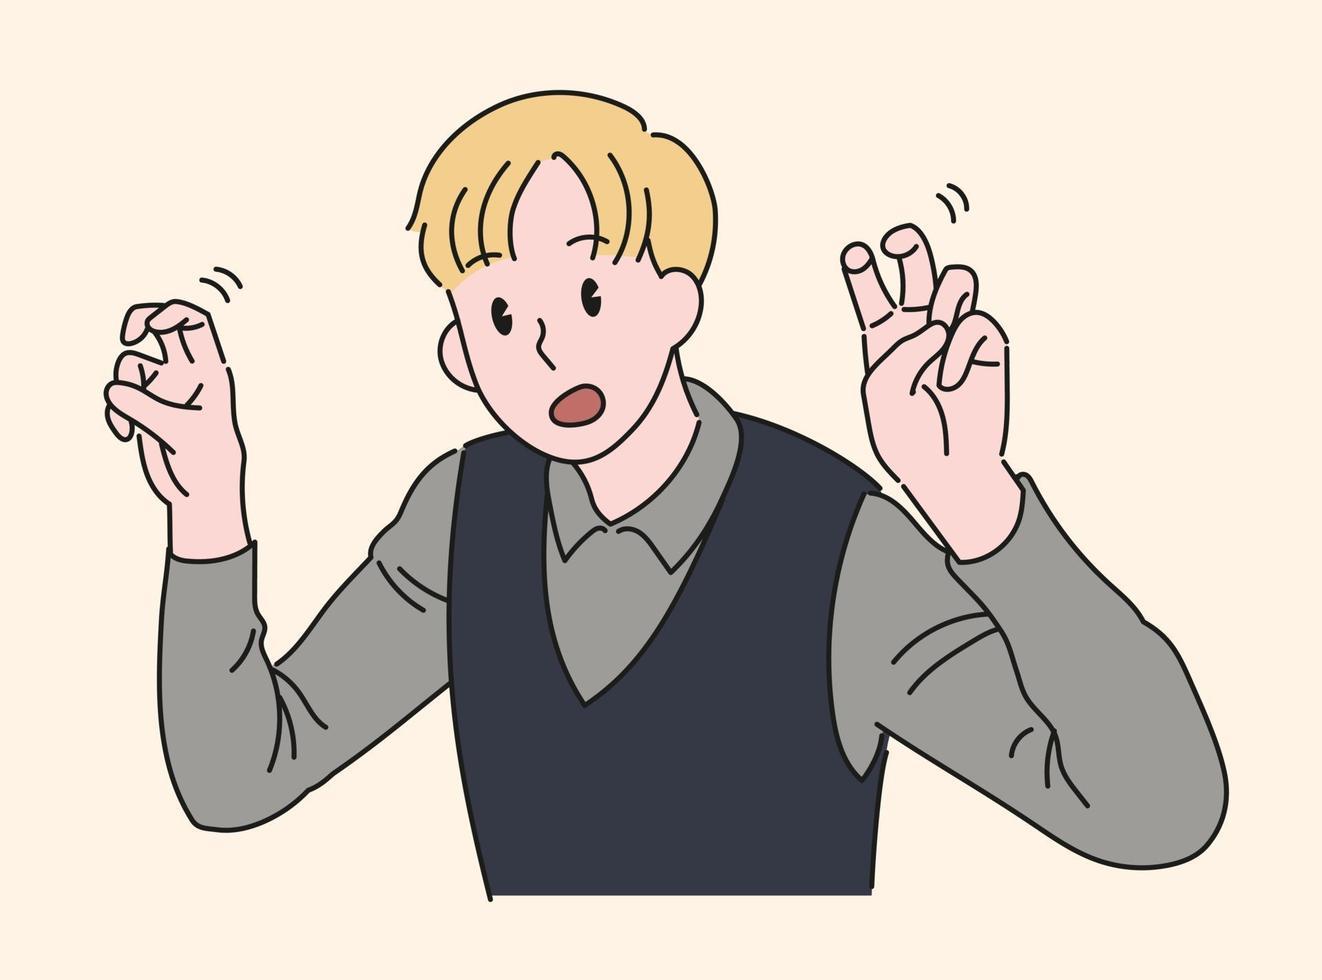 en man gör en gest betoning genom att böja sina två fingrar. handritade stilvektordesignillustrationer. vektor